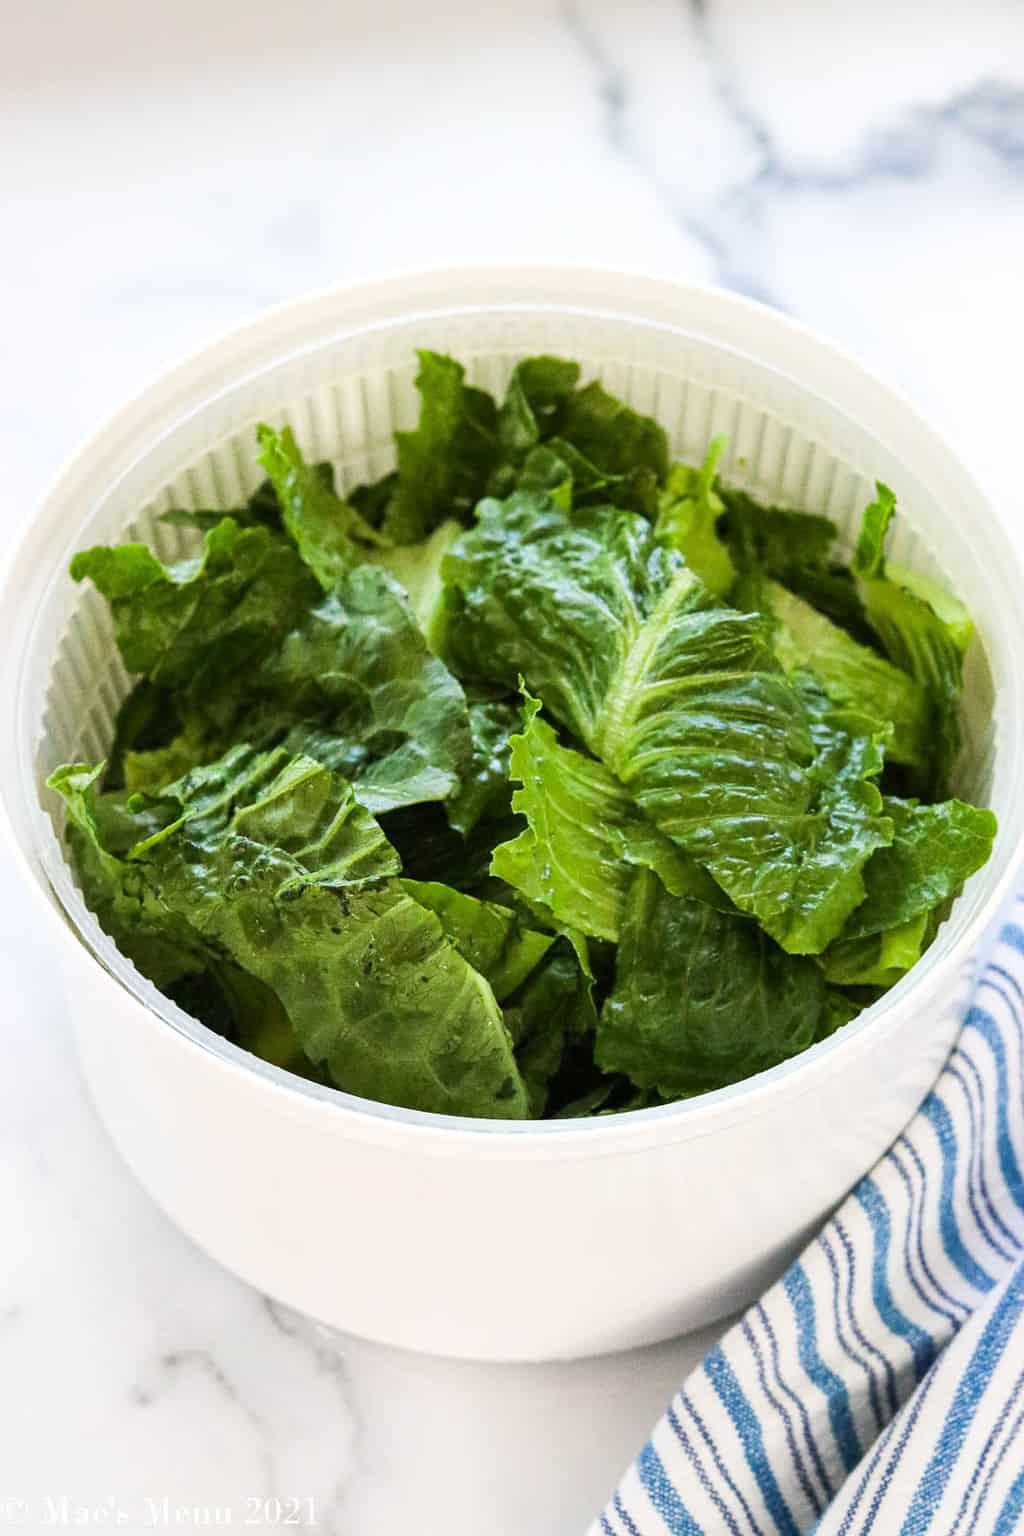 A salad spinner full of romaine lettuce